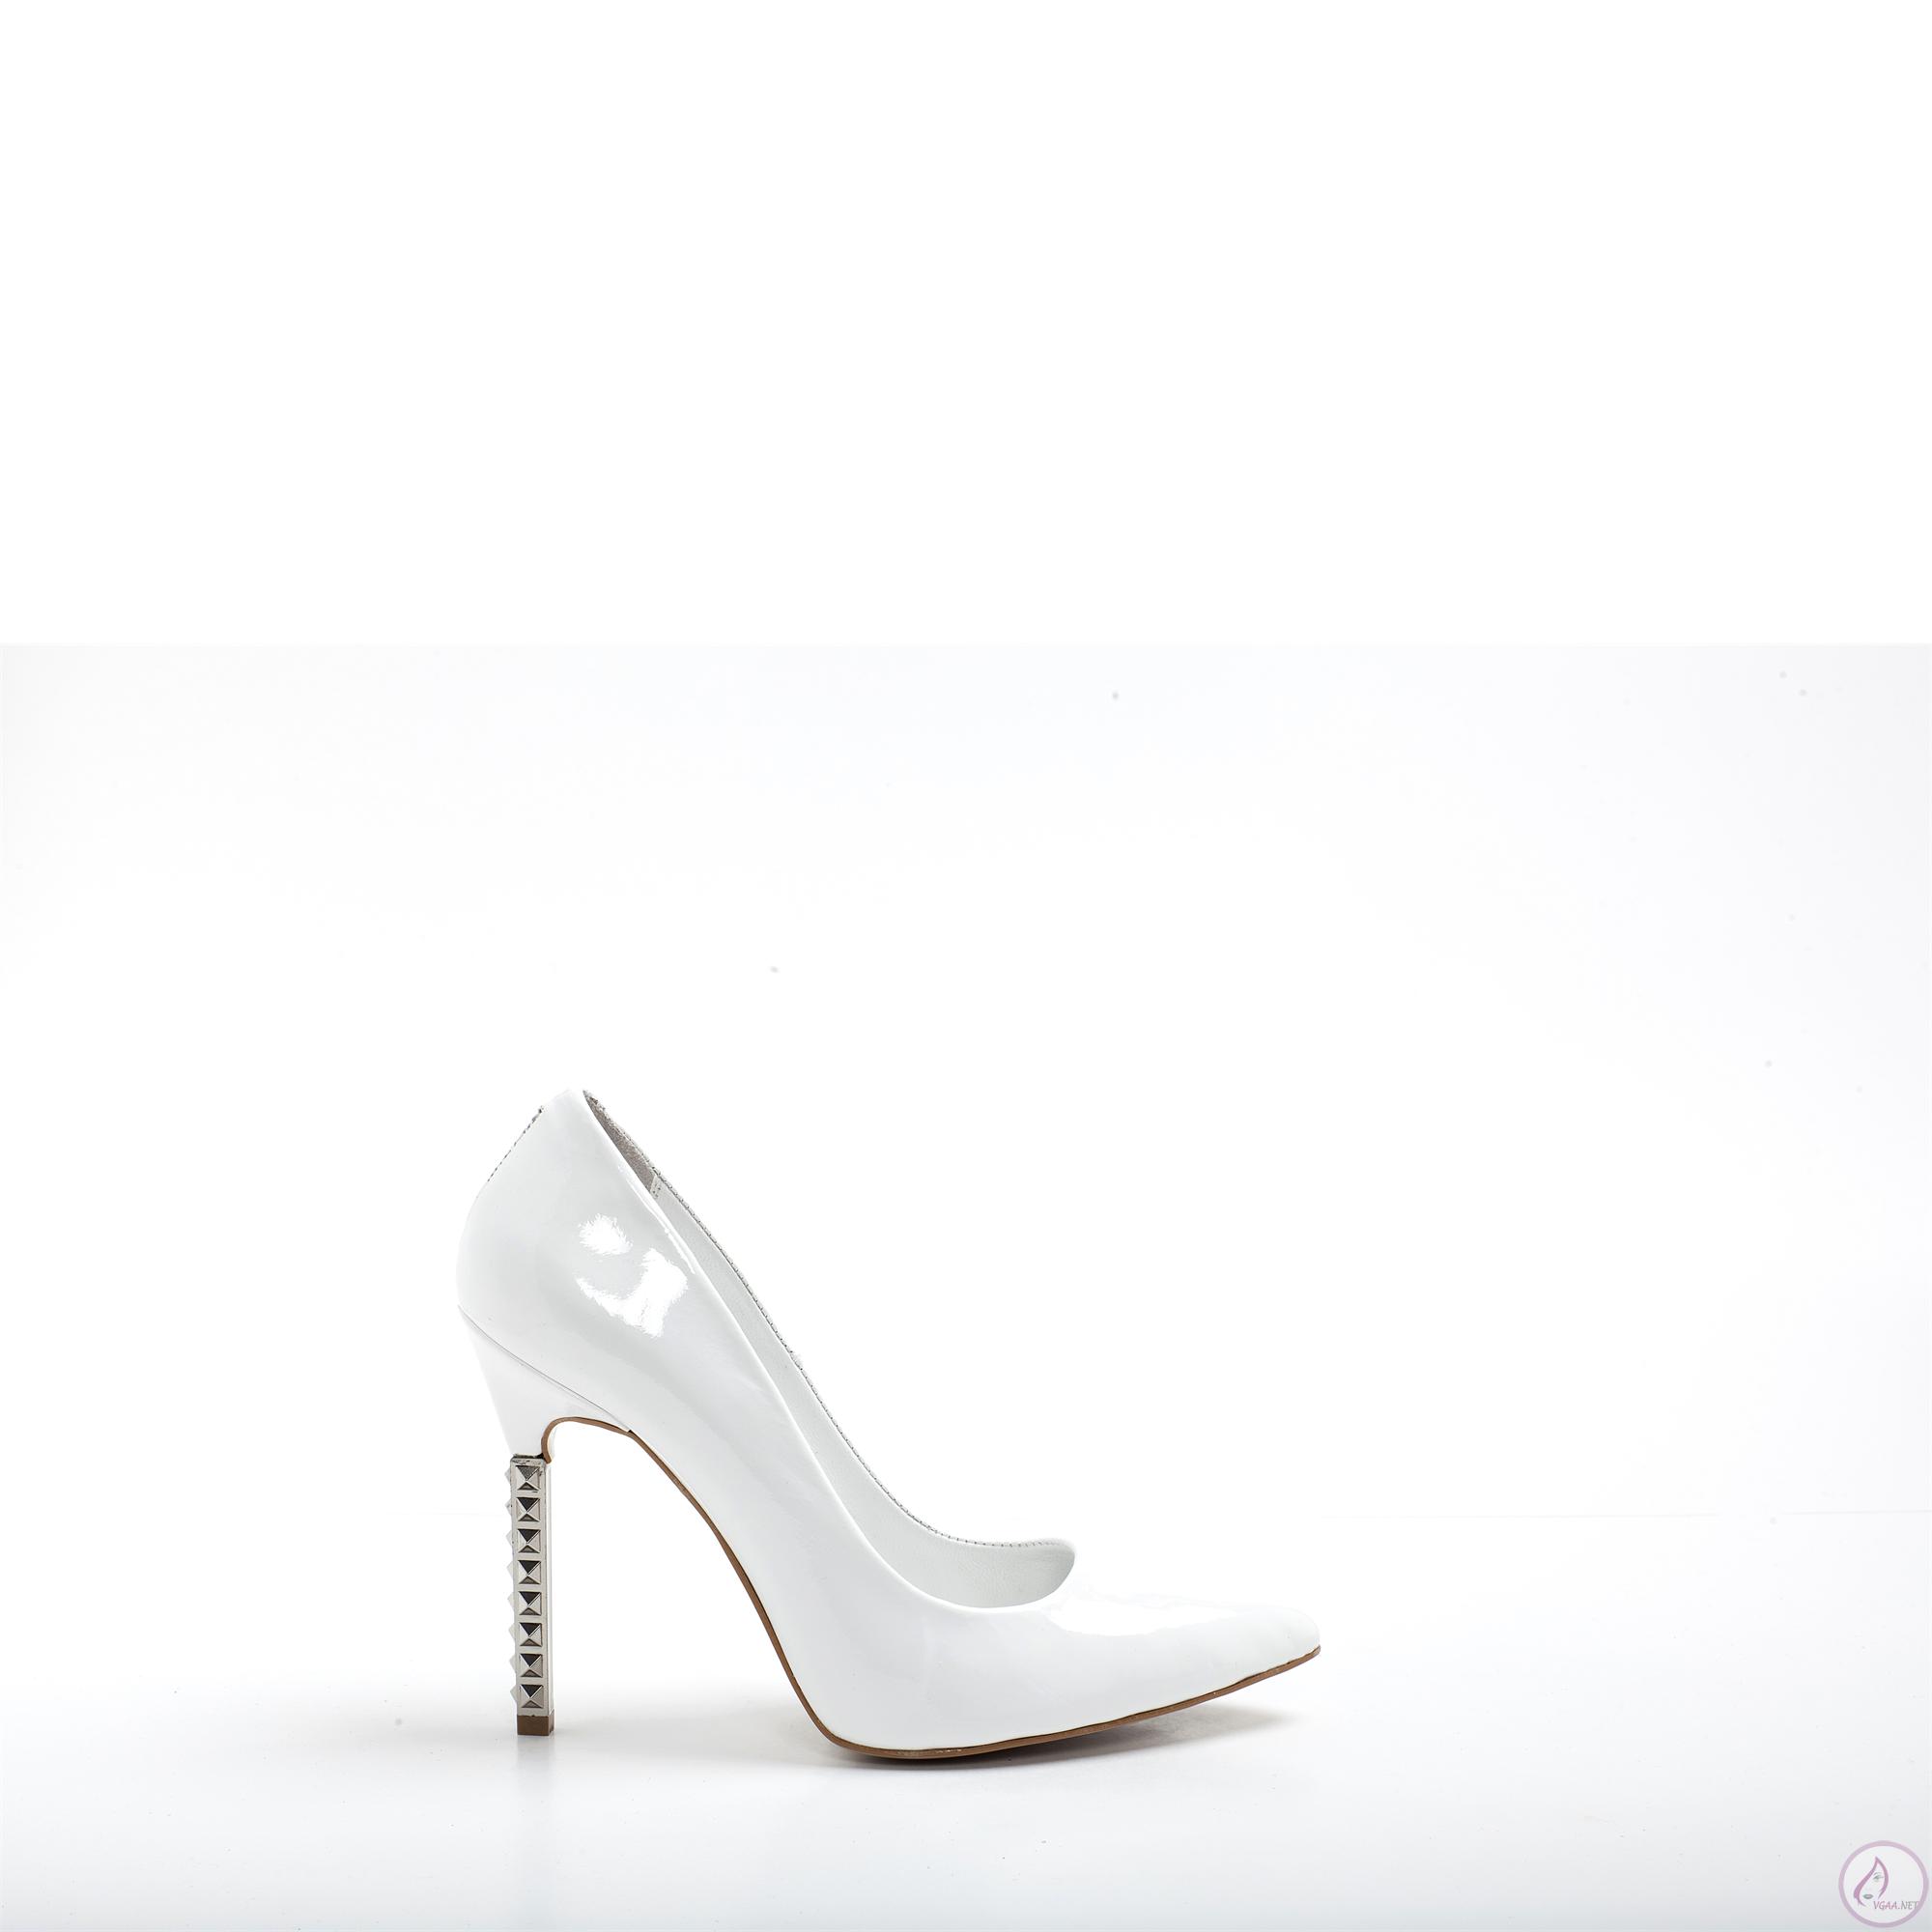 Beyaz Topuklu Abiye Ayakkabı Modelleri